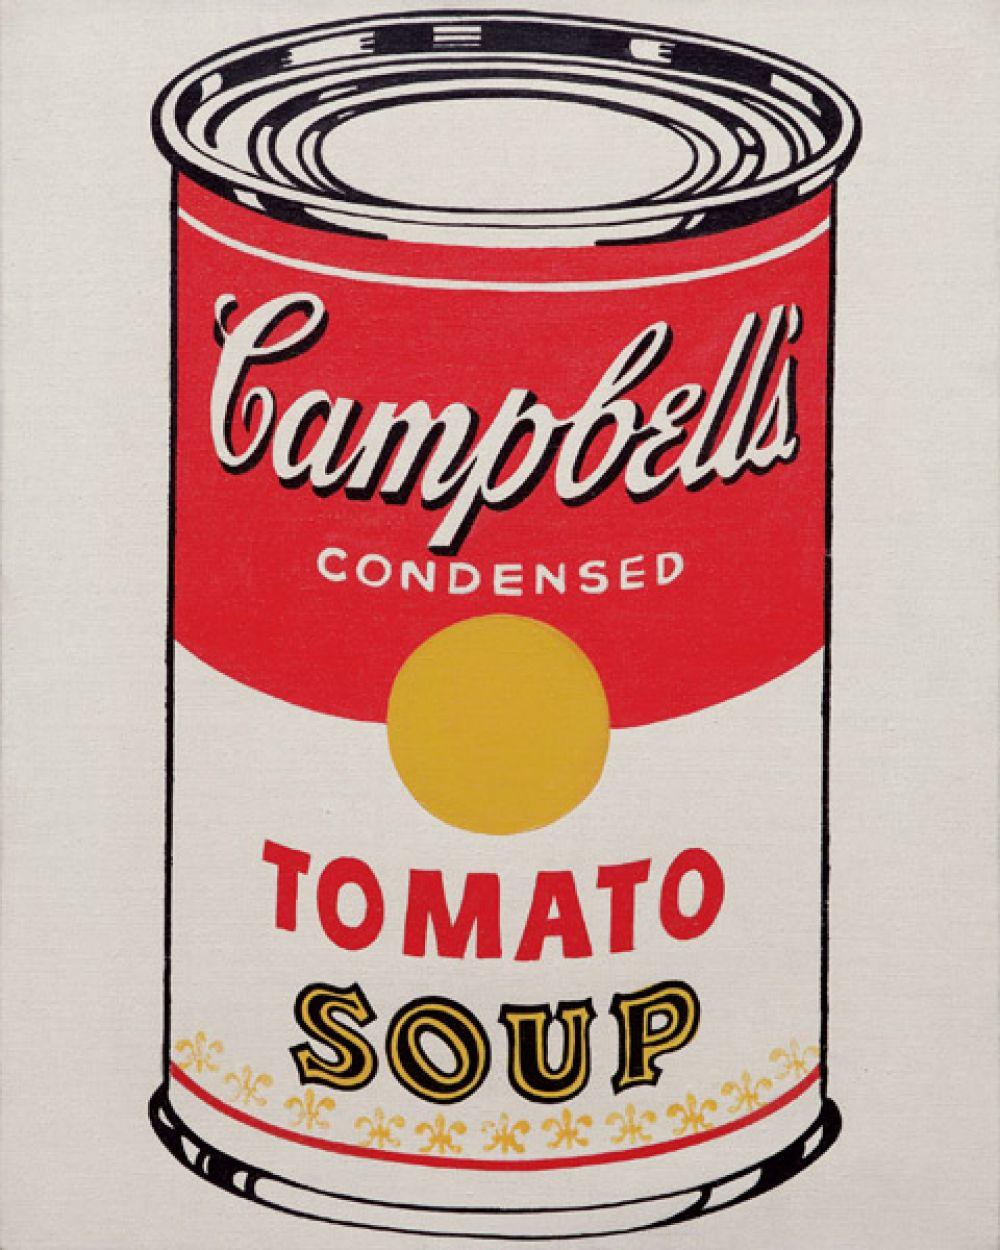 В начале 60-х Уорхол создал цикл работ с изображением консервных банок супа «Кэмпбелл». Первоначально плакаты художник рисовал сам, а позже начал печатать их методом шелкографии.